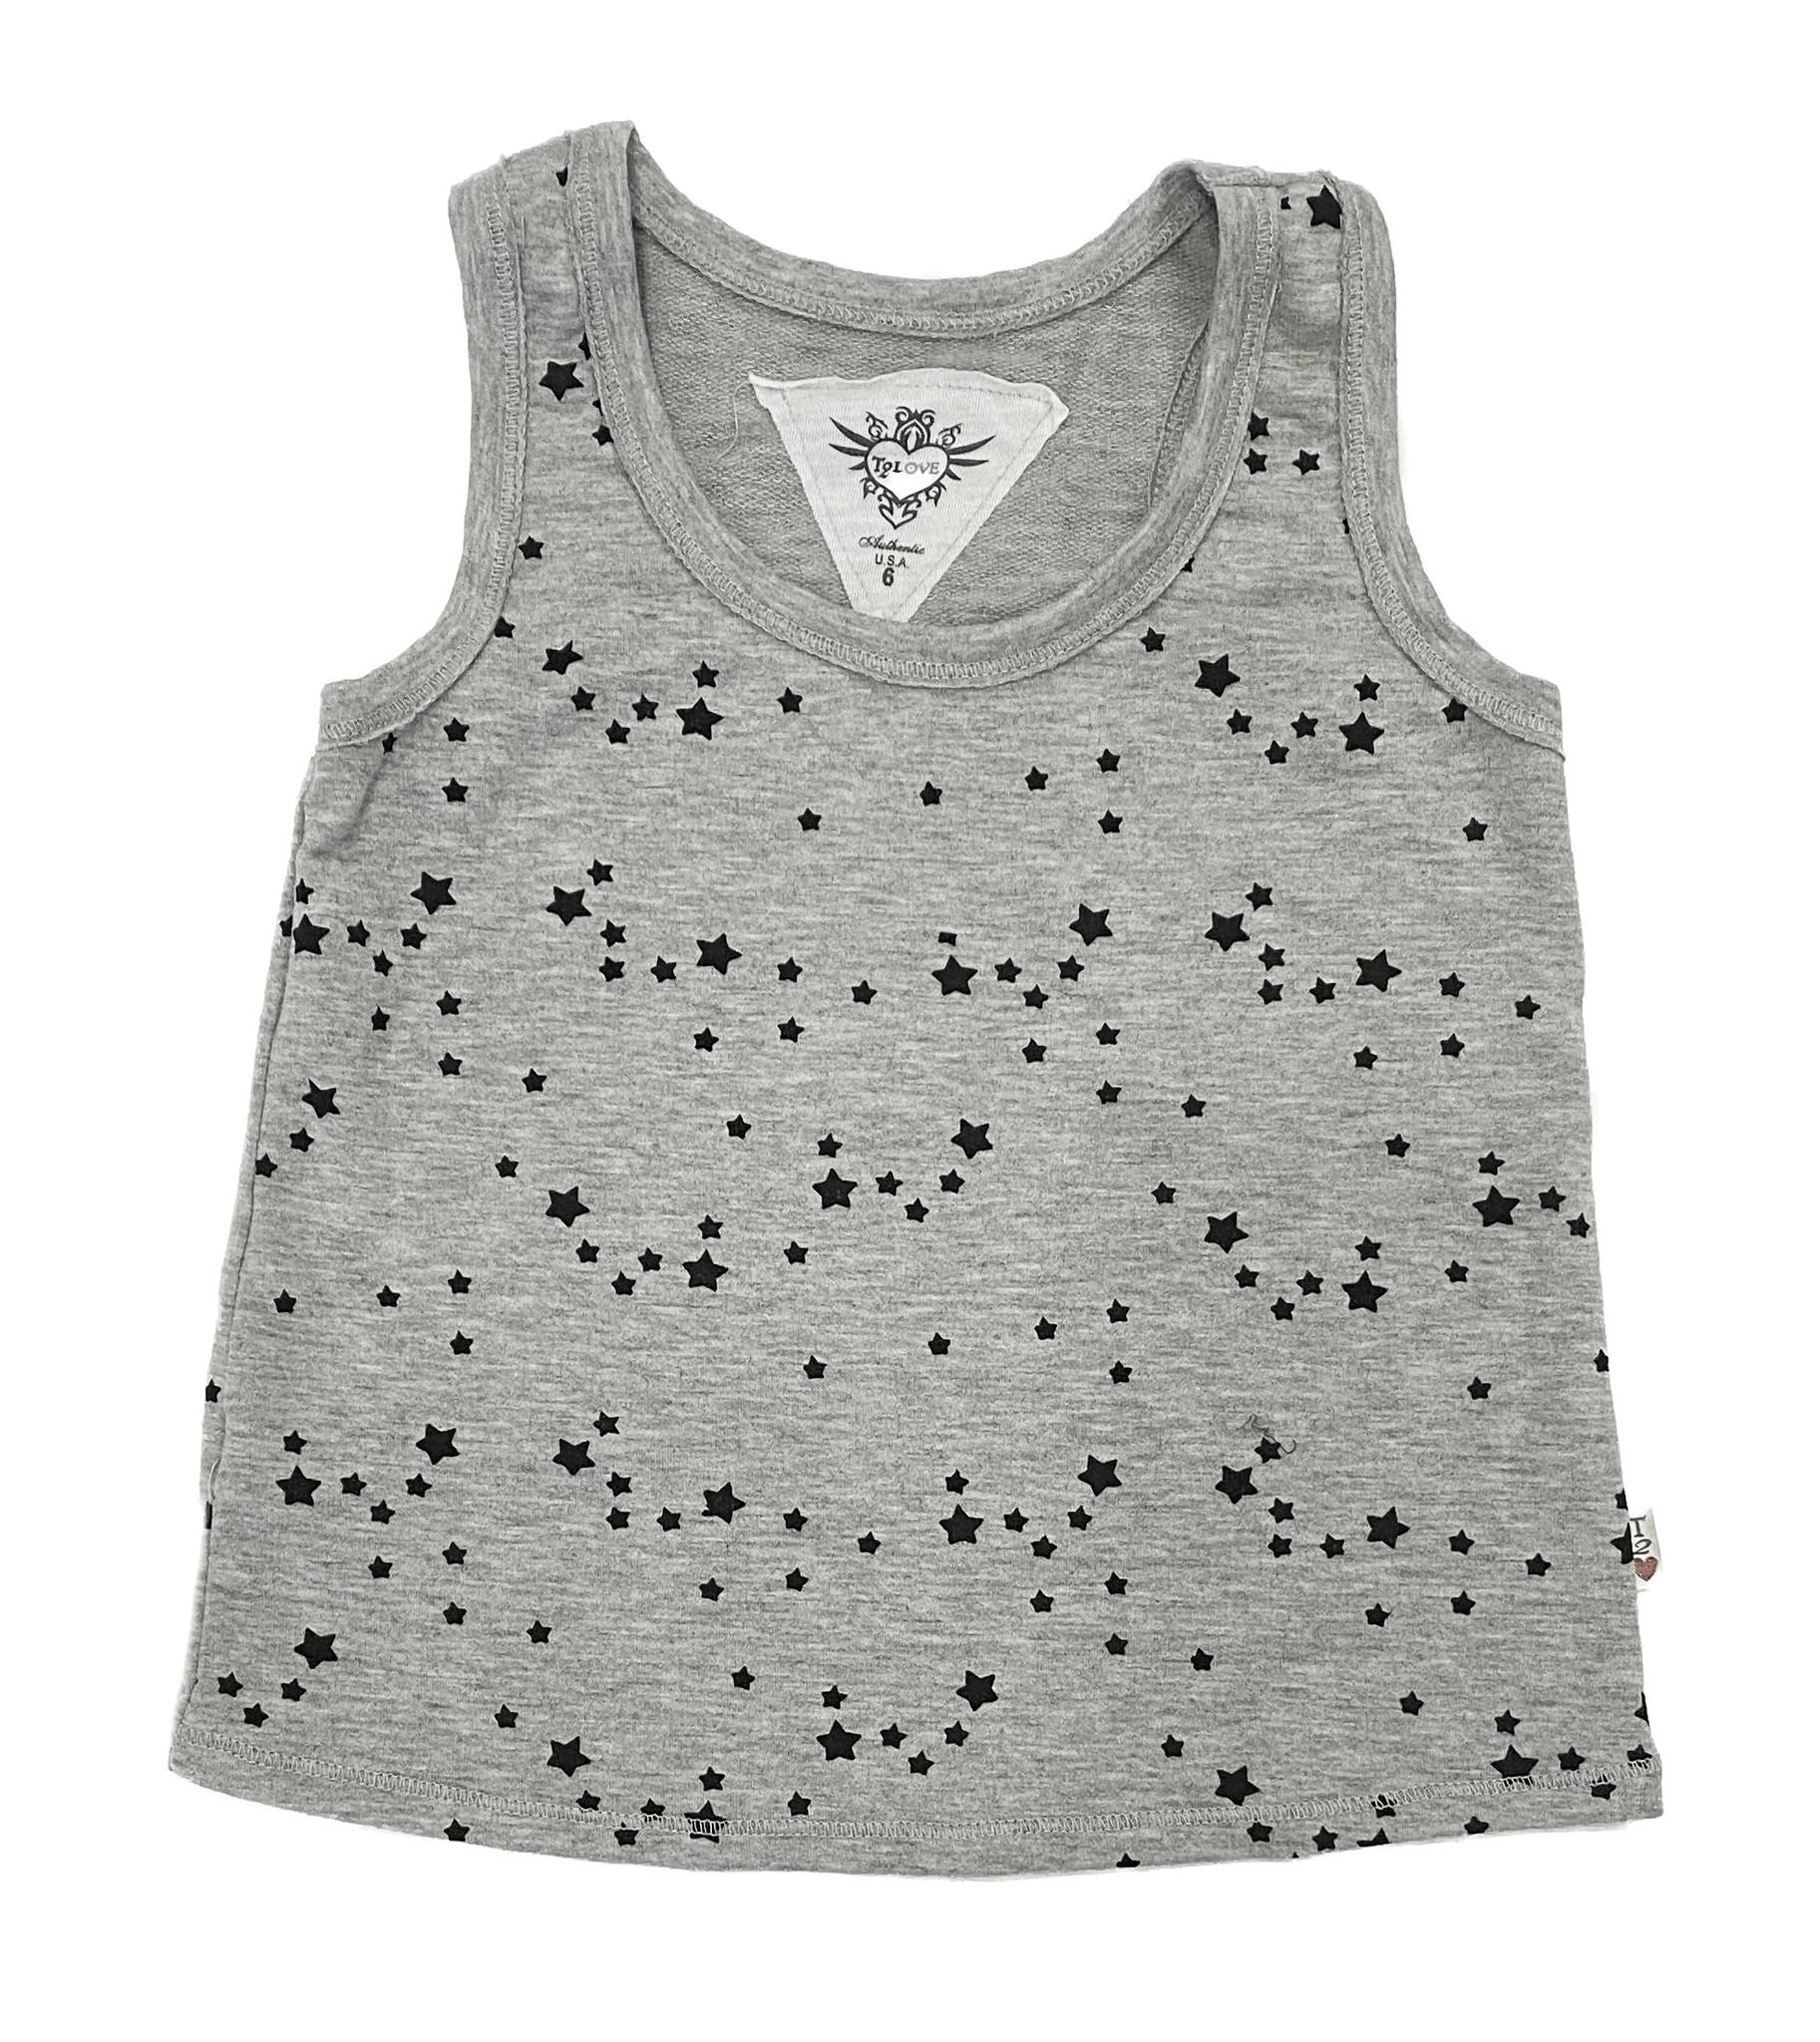 T2Love Heather Grey Mini Stars Tank Top